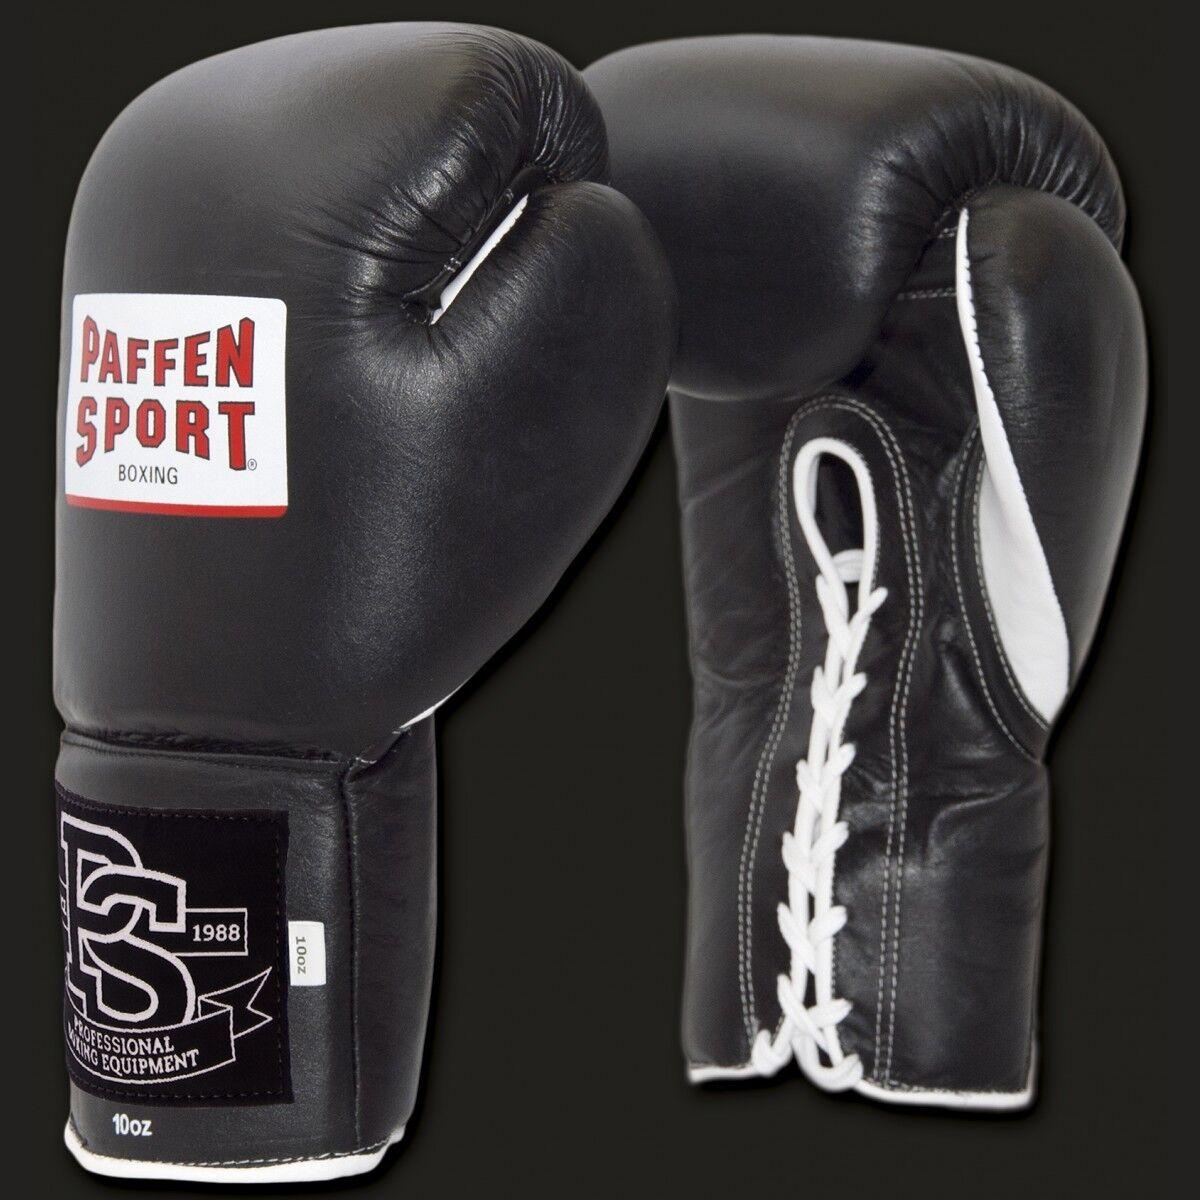 PRO CLASSIC Boxhandschuhe für den Wettkampf, Paffen Sport, Boxen, versch. Farben